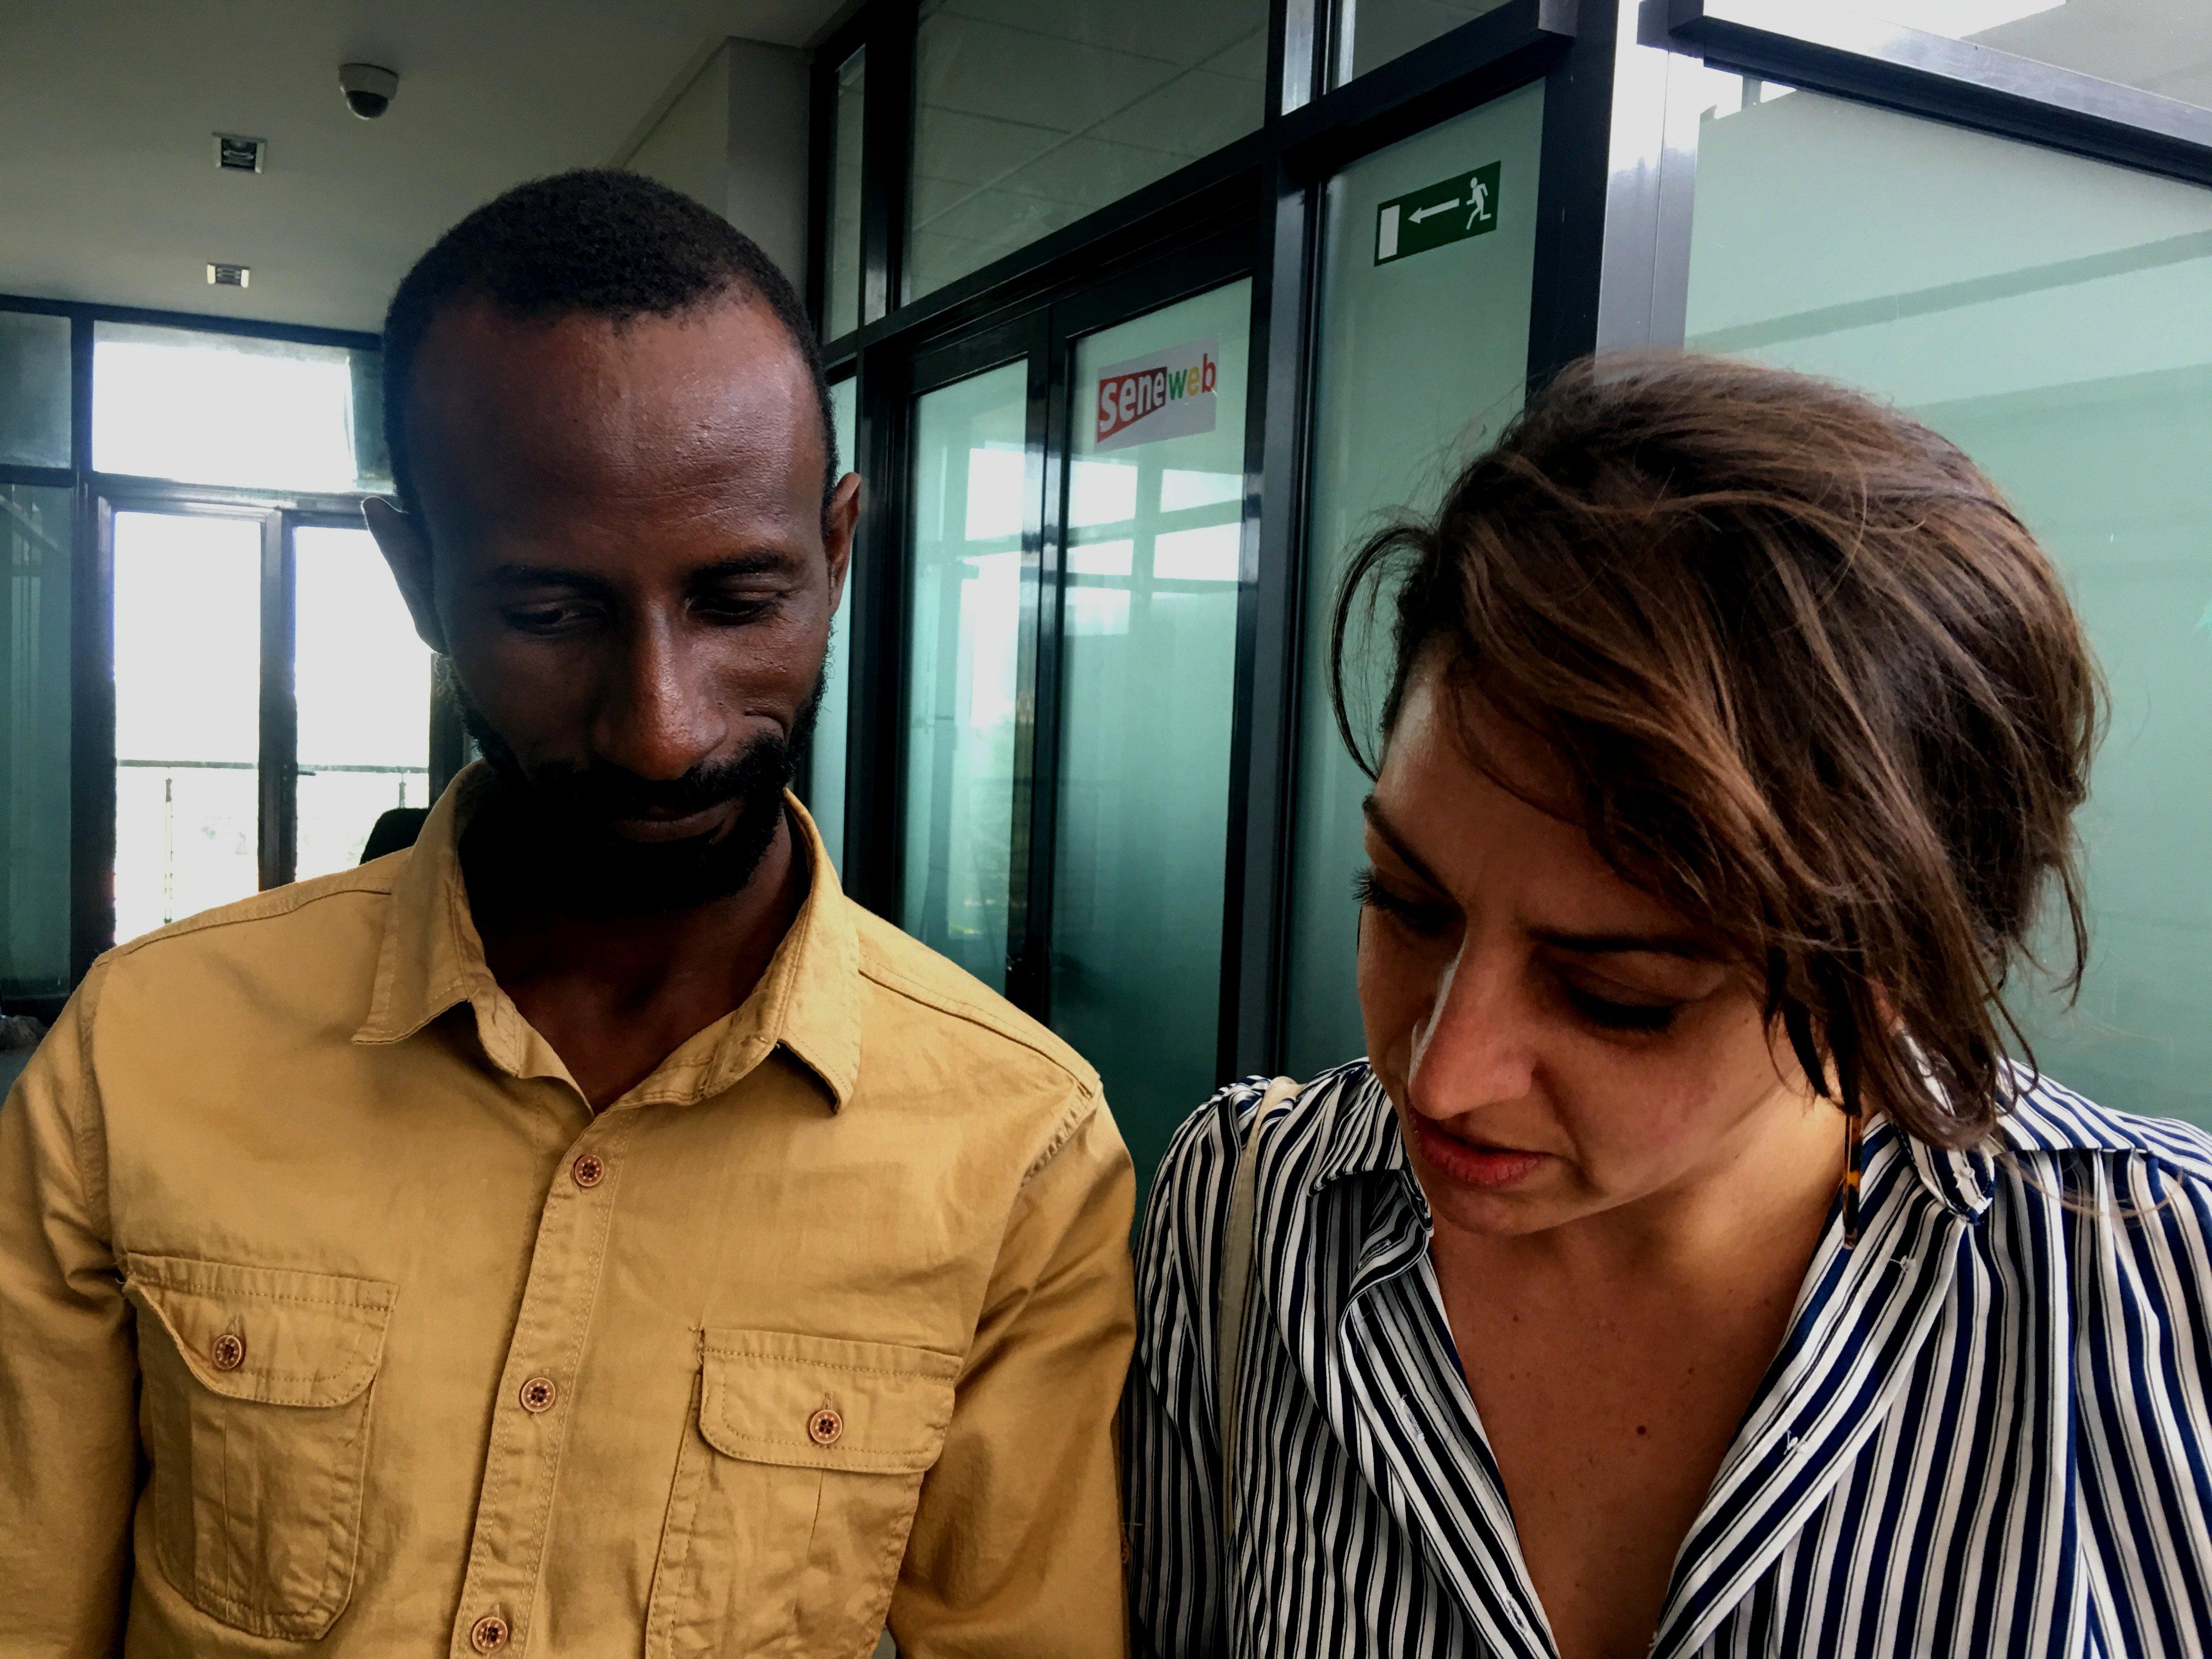 Mišel je posetila neke od sajtova koji su objavili priču, uključujući i senegalski koji ju je kasnije povukao